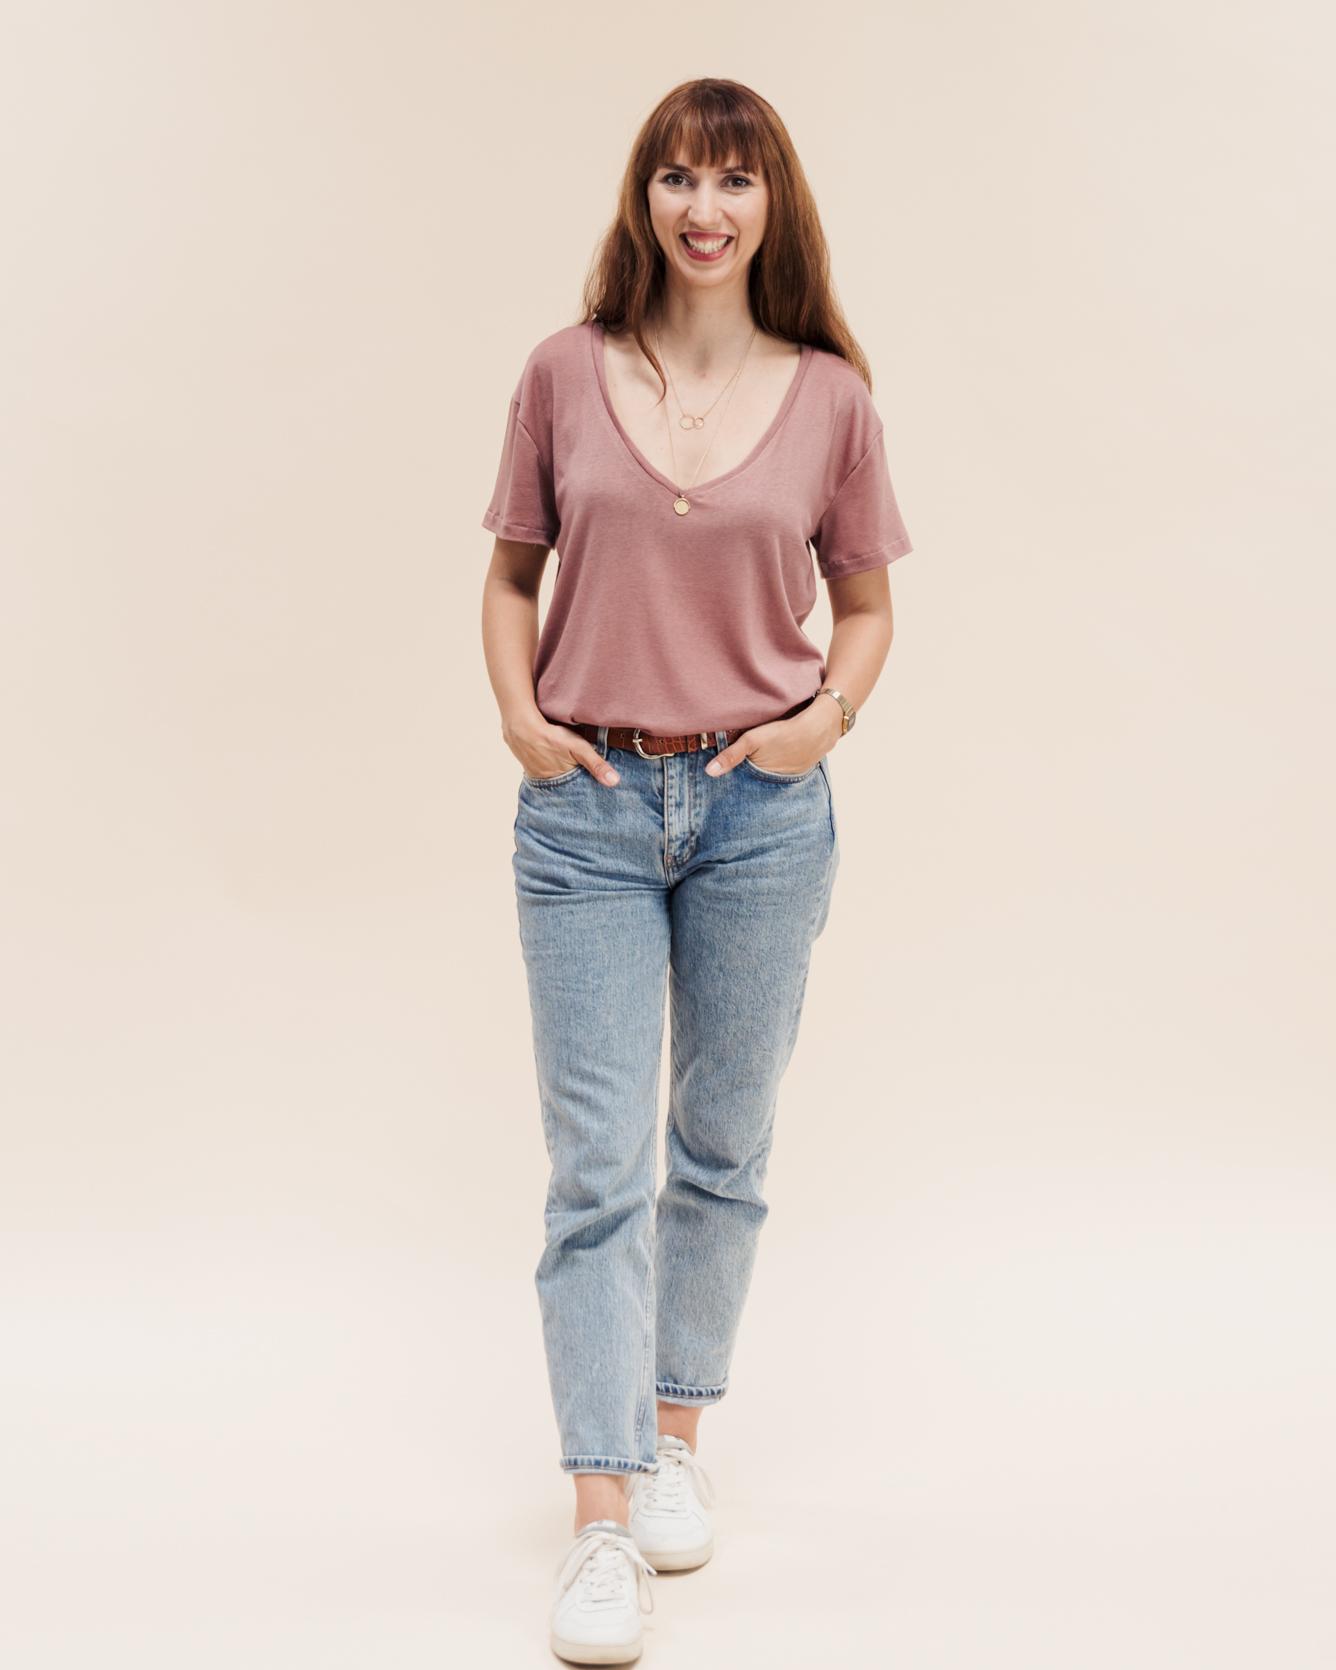 Lässiges T-Shirt mit V-Ausschnitt. Tomboy T-Shirts Schnittmuster für trendige Oversize T-Shirts in angesagtem Boyfriend Look.